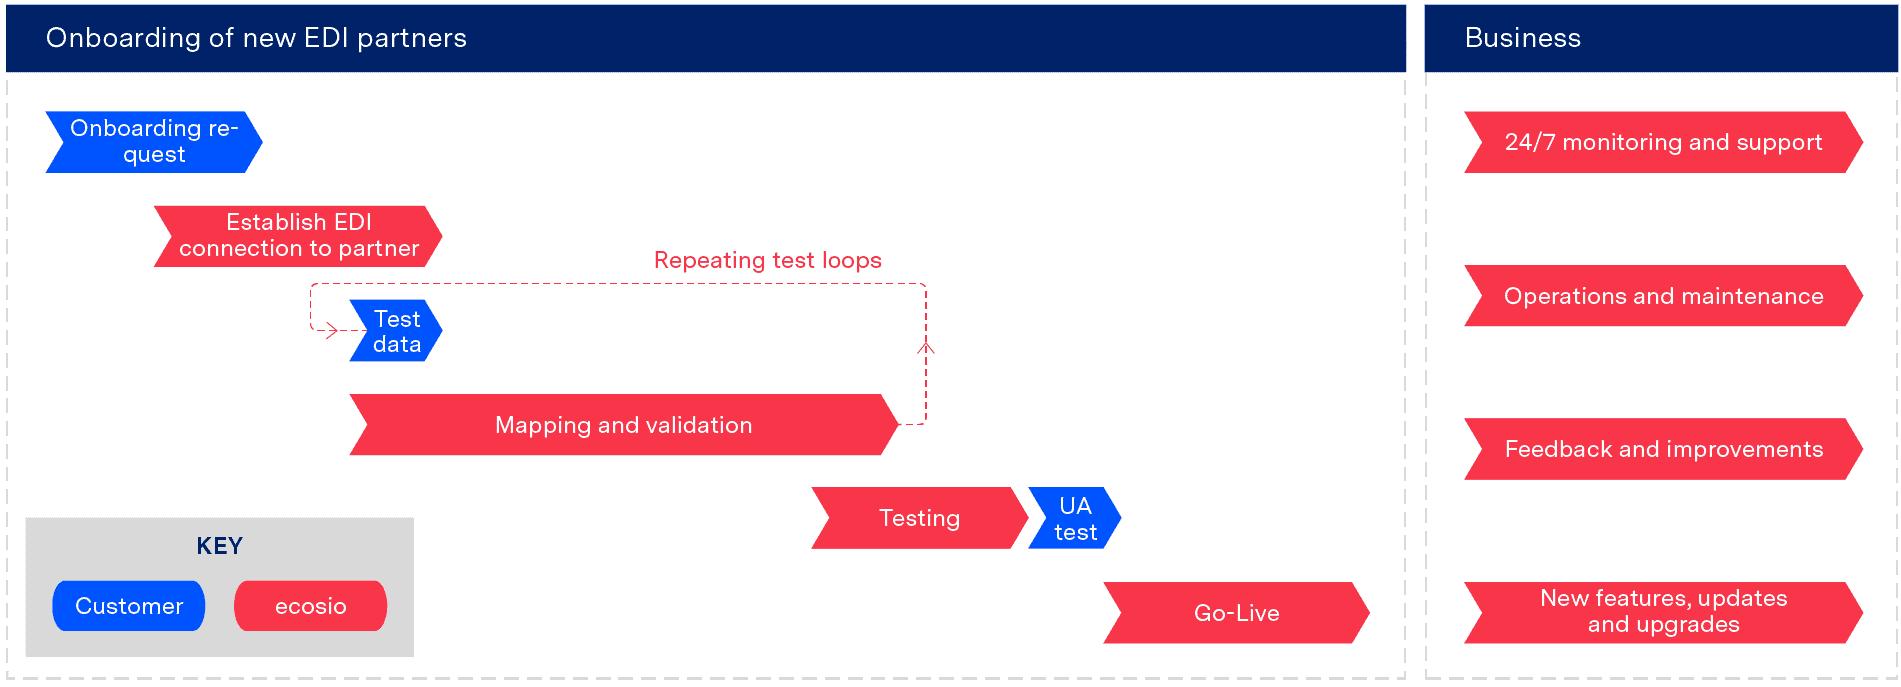 EDI implementation - onboarding timeline